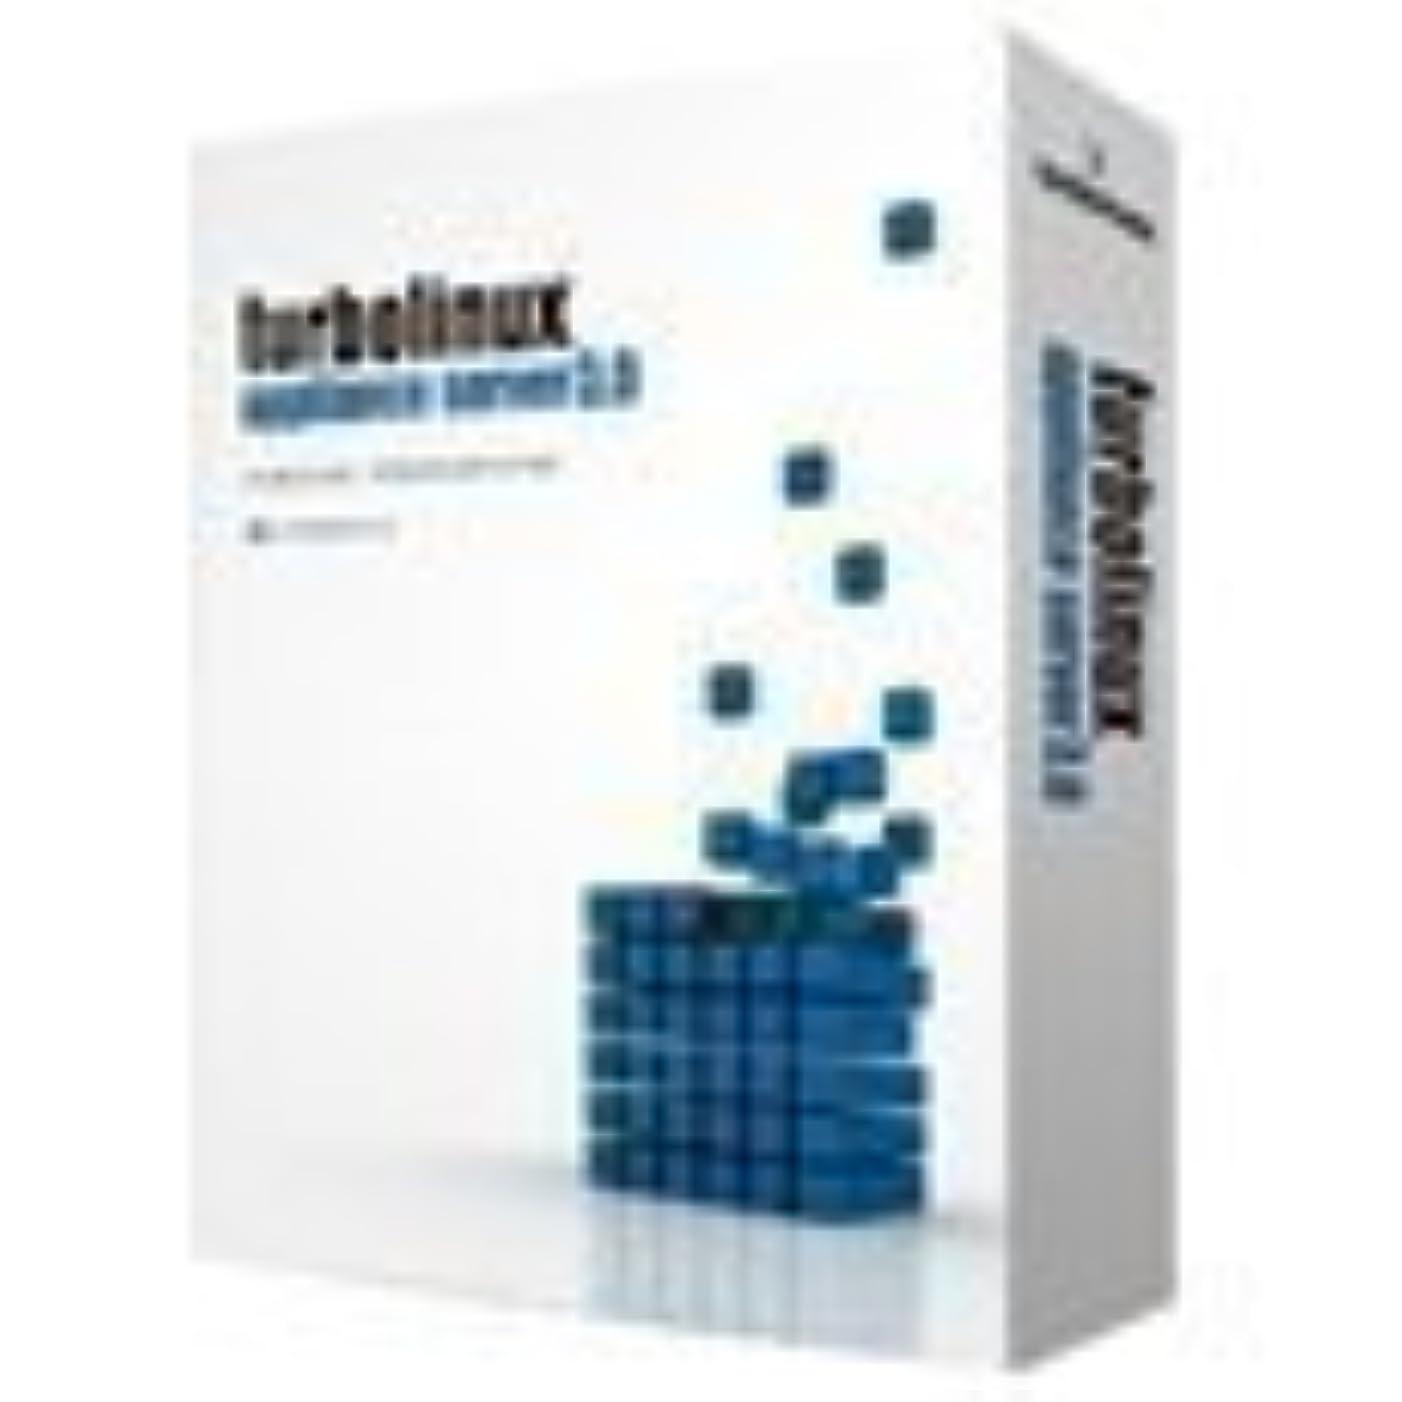 公平折共感するTurbolinux Appliance Server 3.0